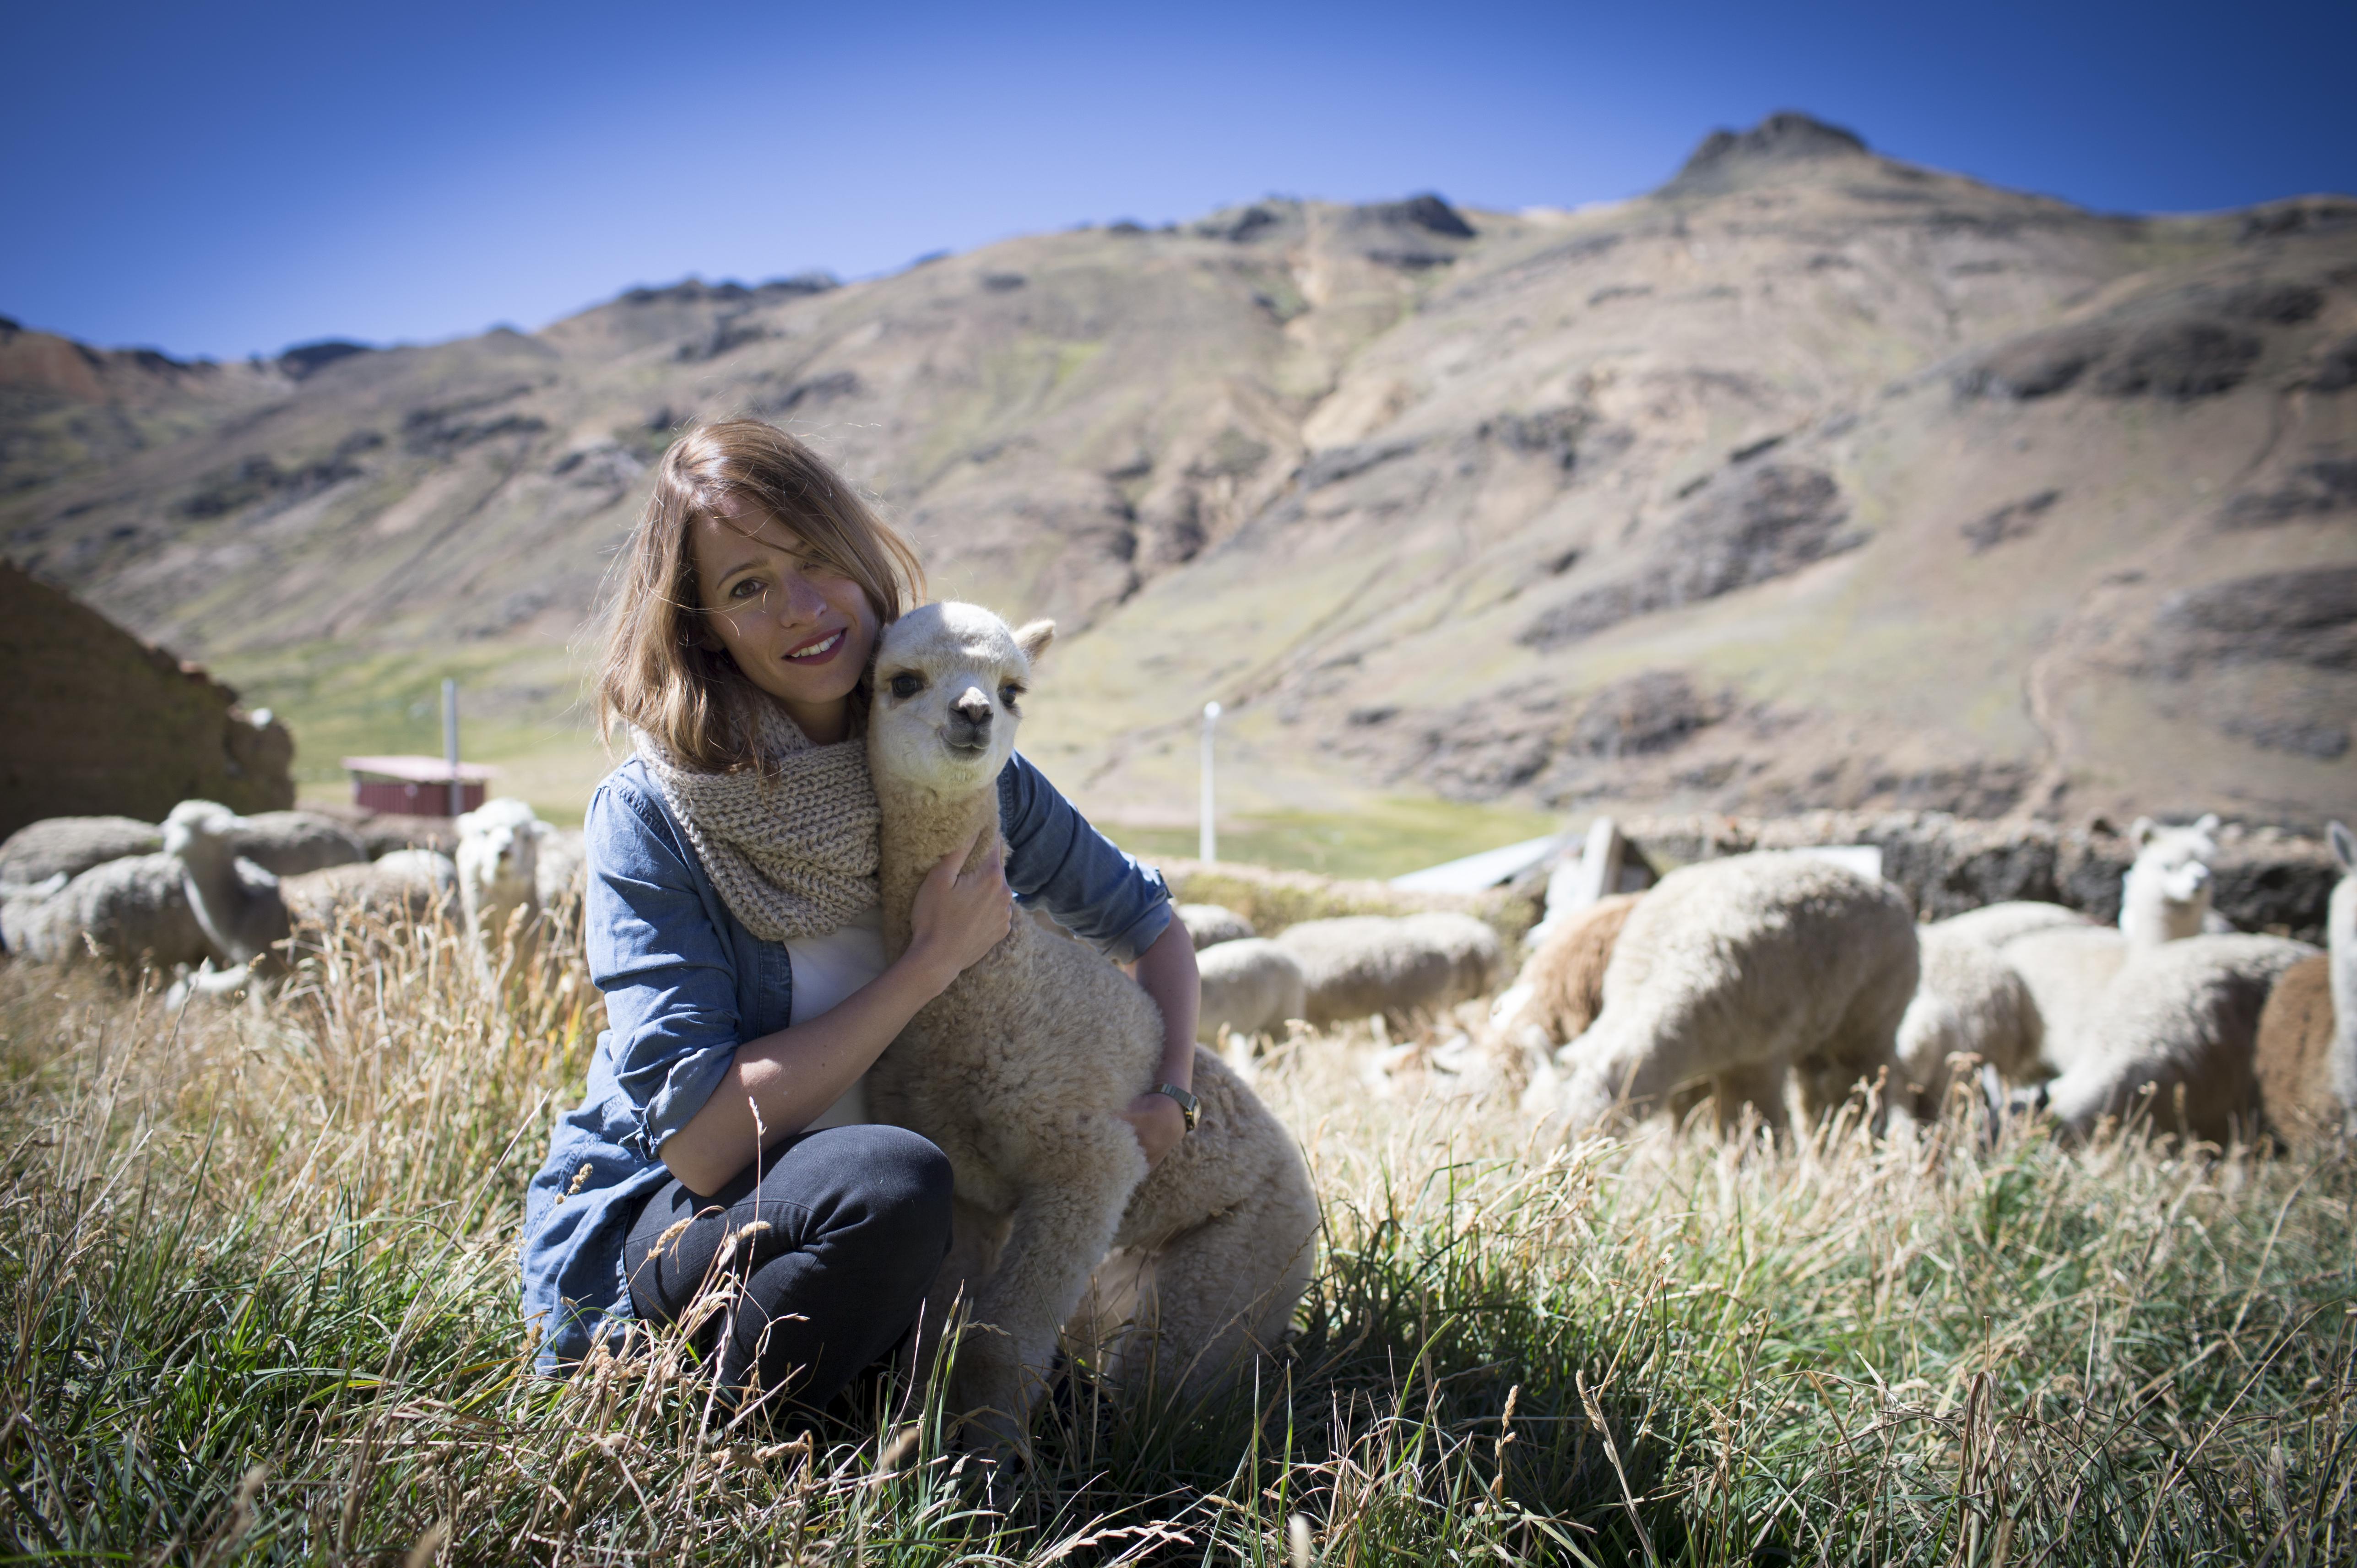 Susanne Frühmann wollte wissen, woher die Wolle kommt, mit der sie ihre Kollektionen strickt. -Fotocredit: Markus Frühmann/lefti.at